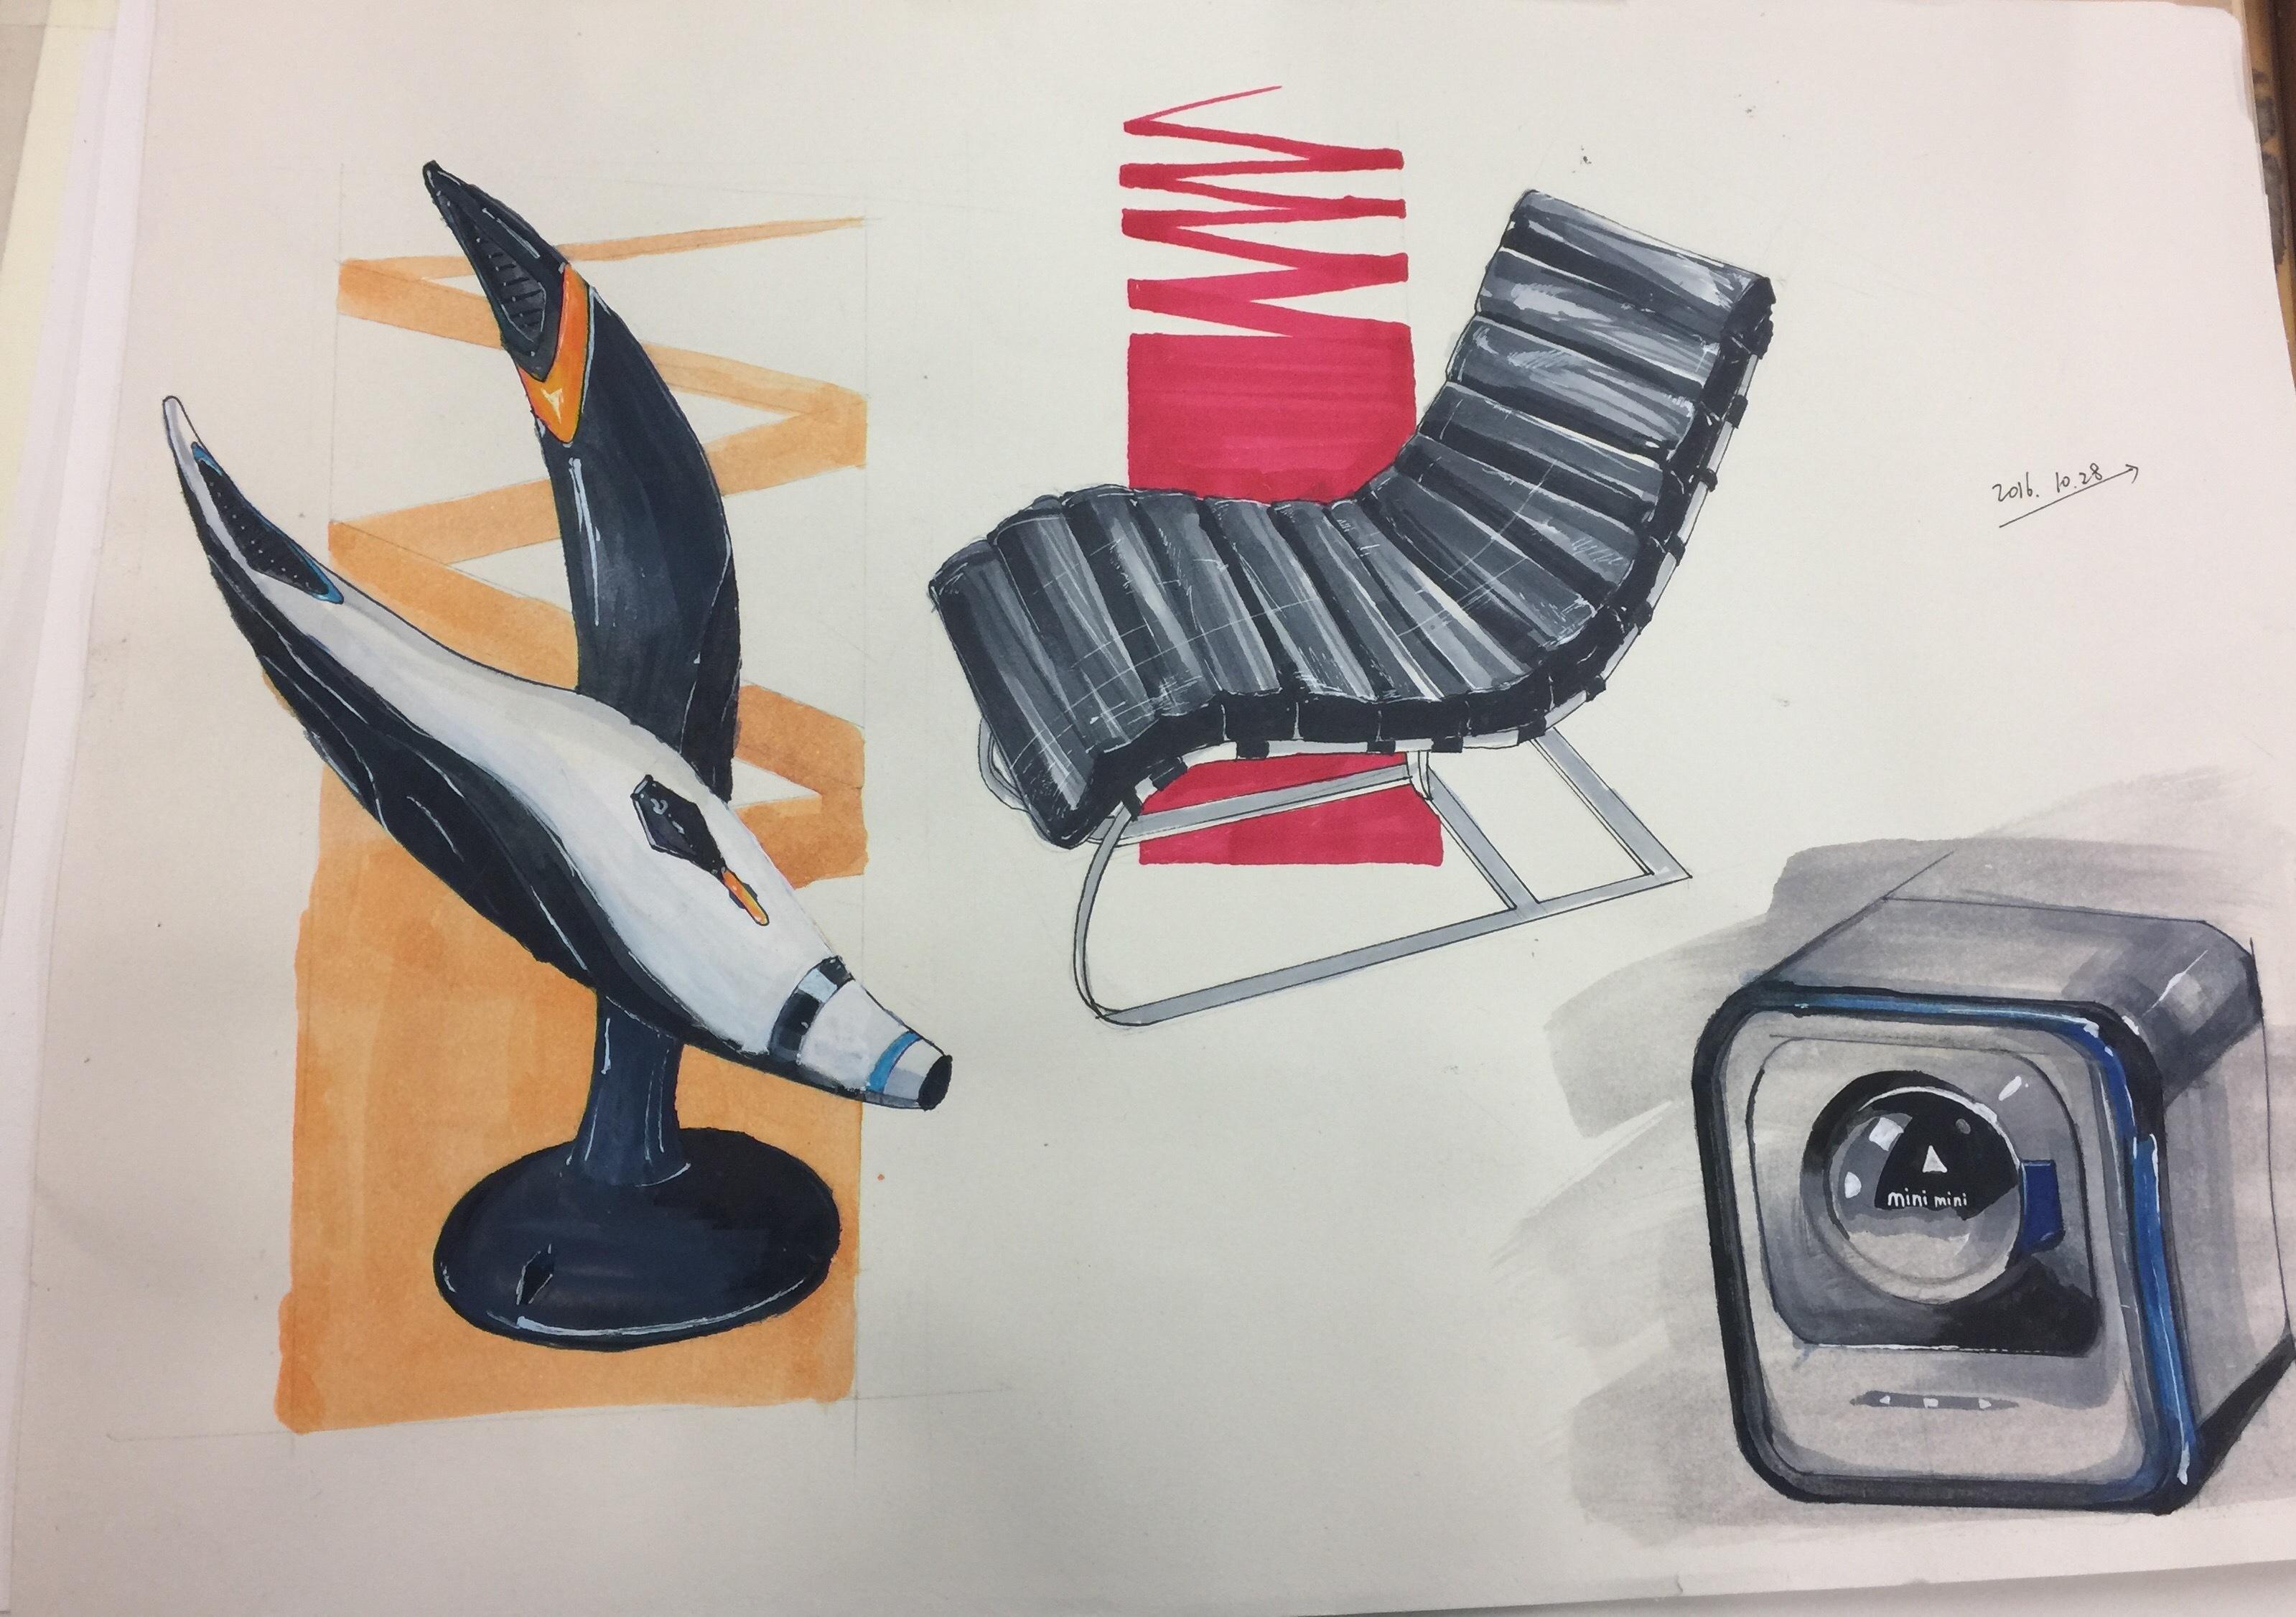 工业设计 汽车手绘|工业/产品|交通工具|得即高歌